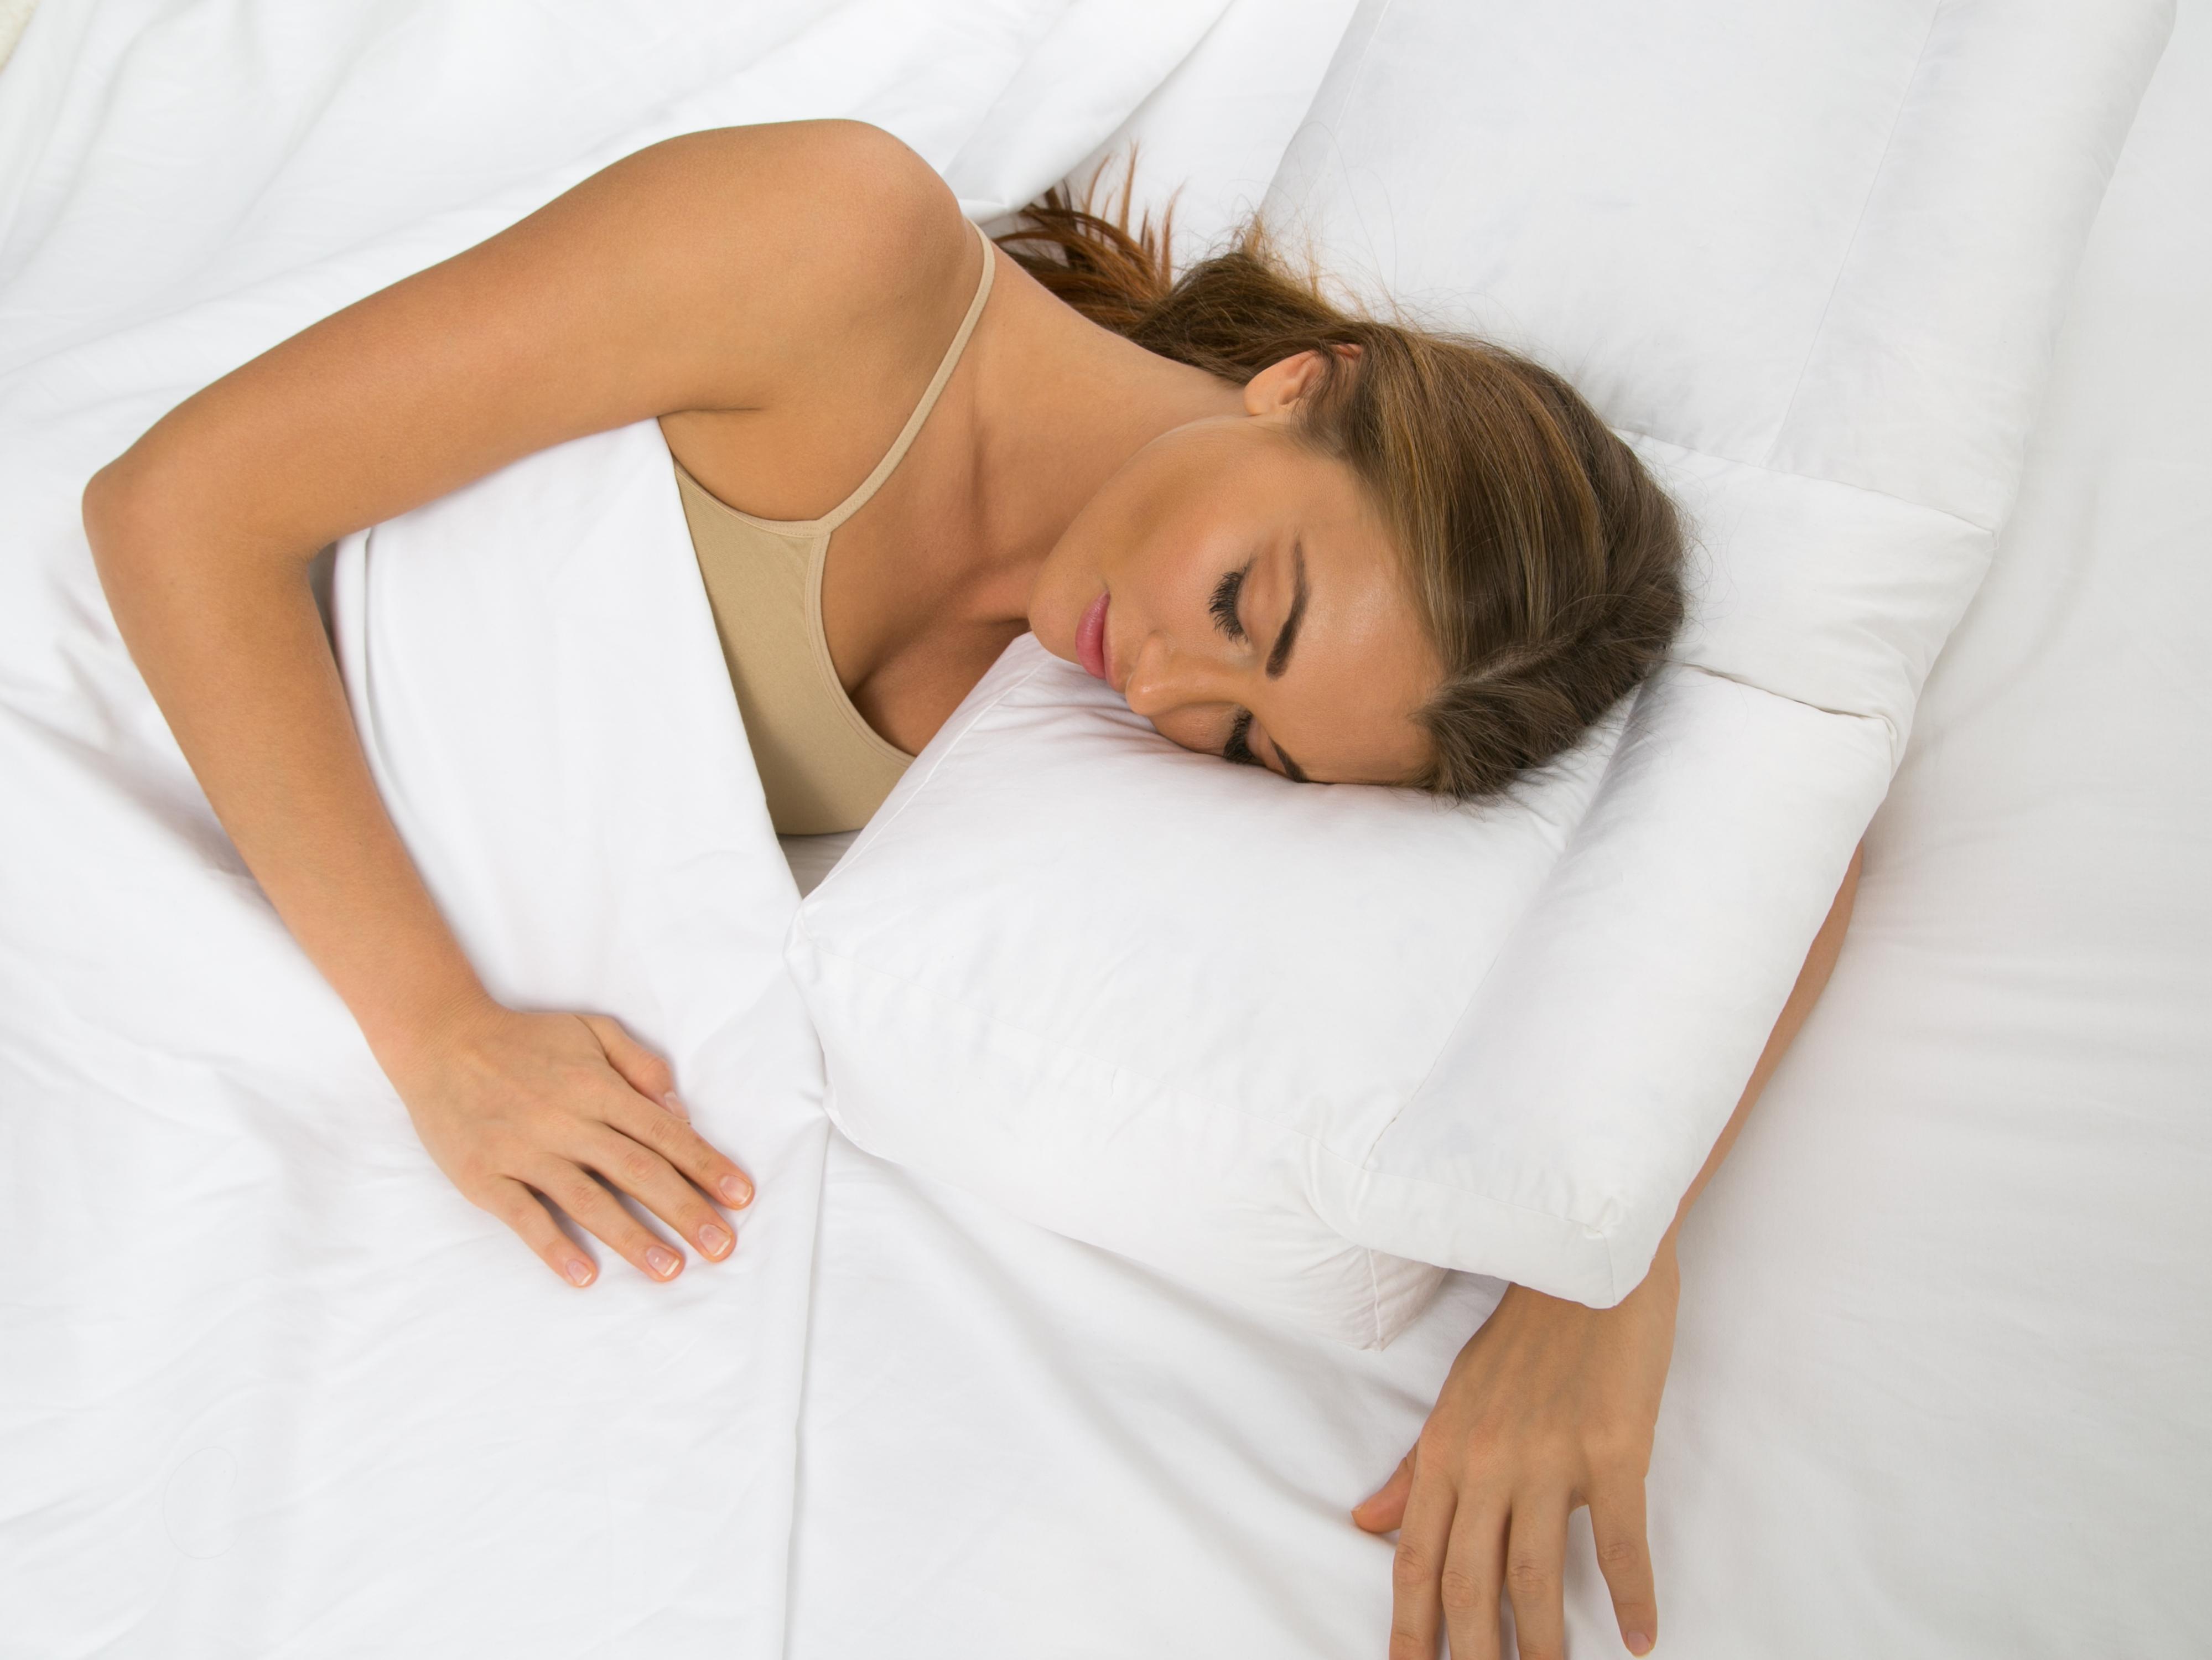 Better Sleep Pillow Gel Fiber Fill Pillow Sleeping W